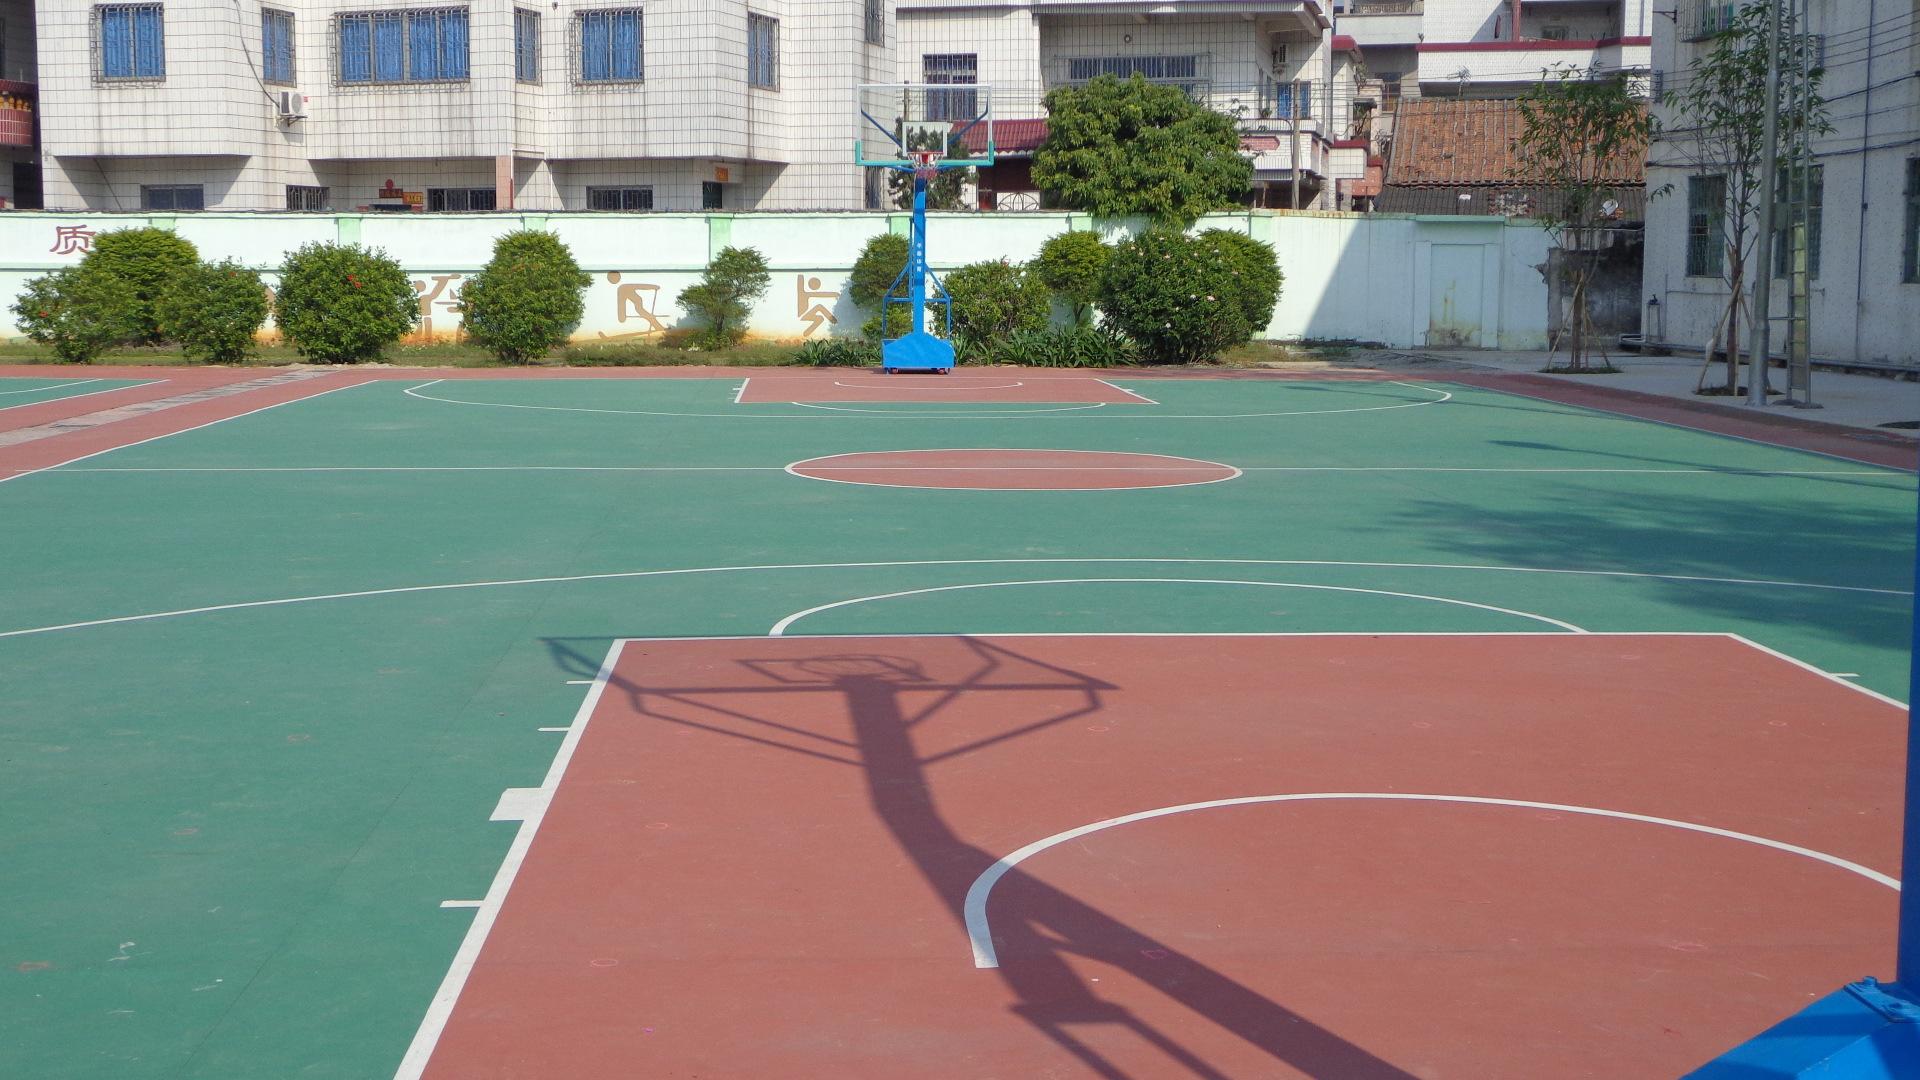 贵州硬地丙烯酸球场涂料厂家 硬地丙烯酸球场涂料供应商 环保材料